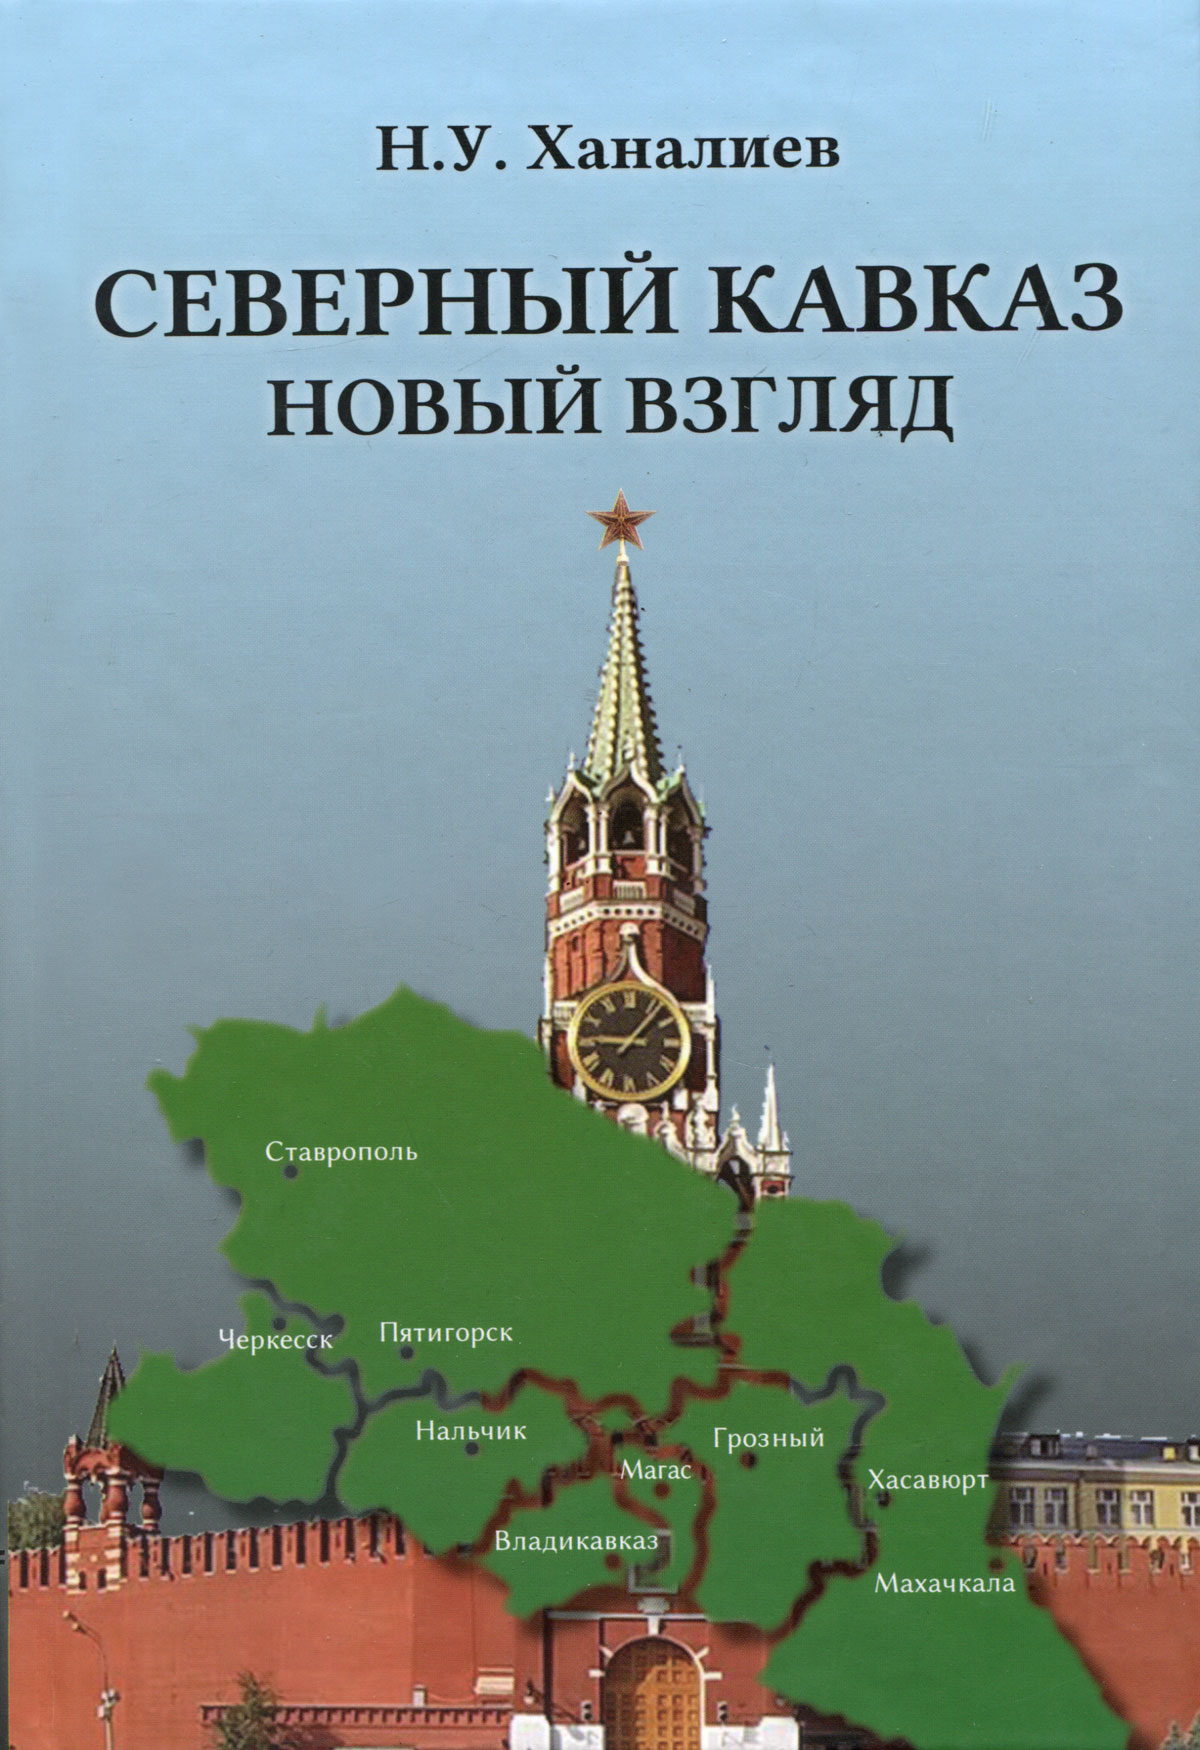 Северный Кавказ. Новый взгляд